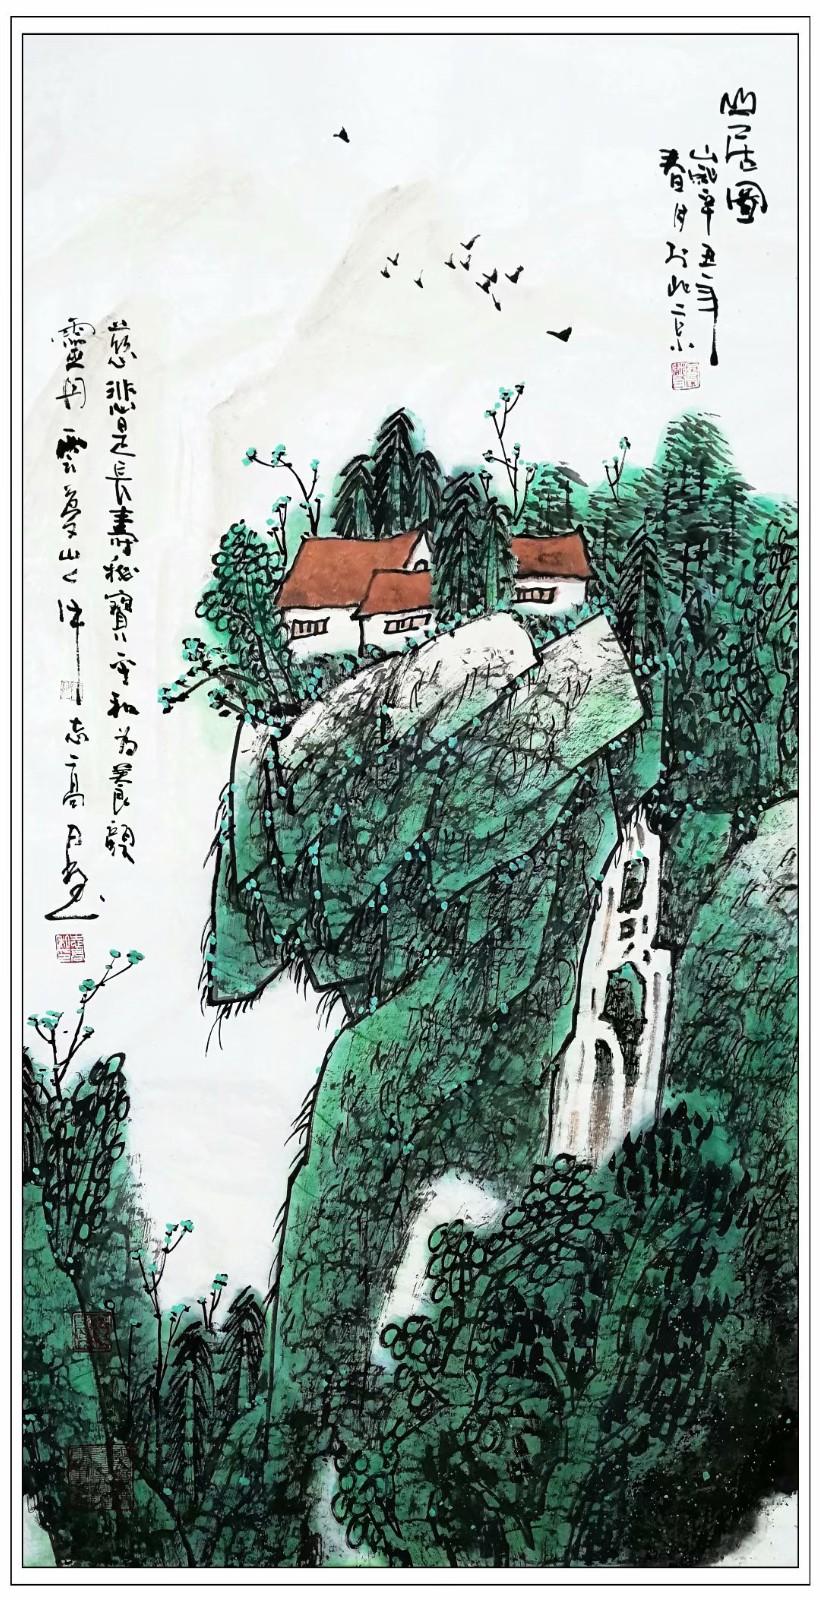 牛志高国画新作品2021.04.29_图1-3